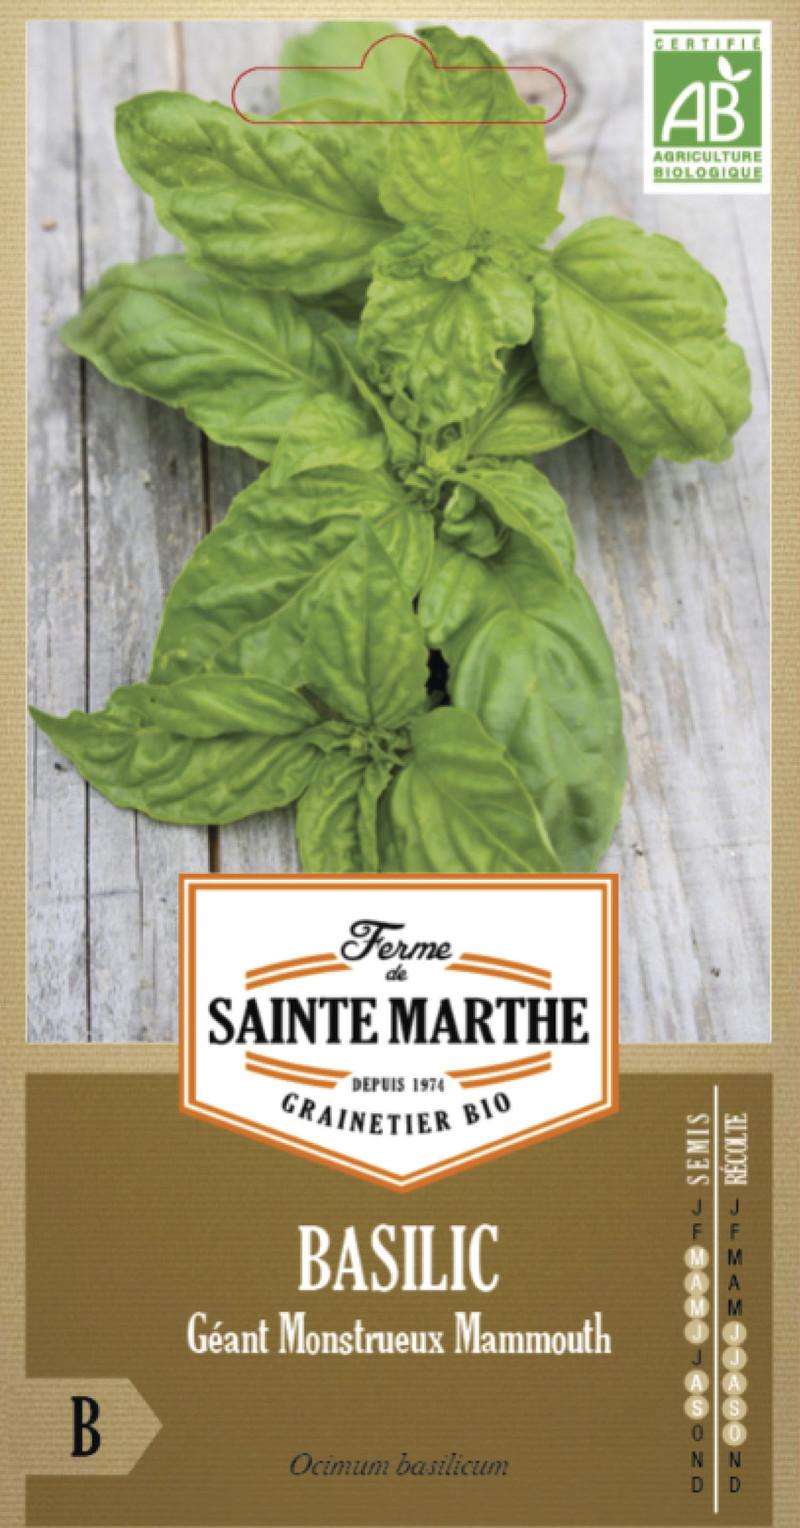 basilic geant monstrueux mammouth bio la ferme de sainte marthe graine semence aromatique sachet - Voir en grand